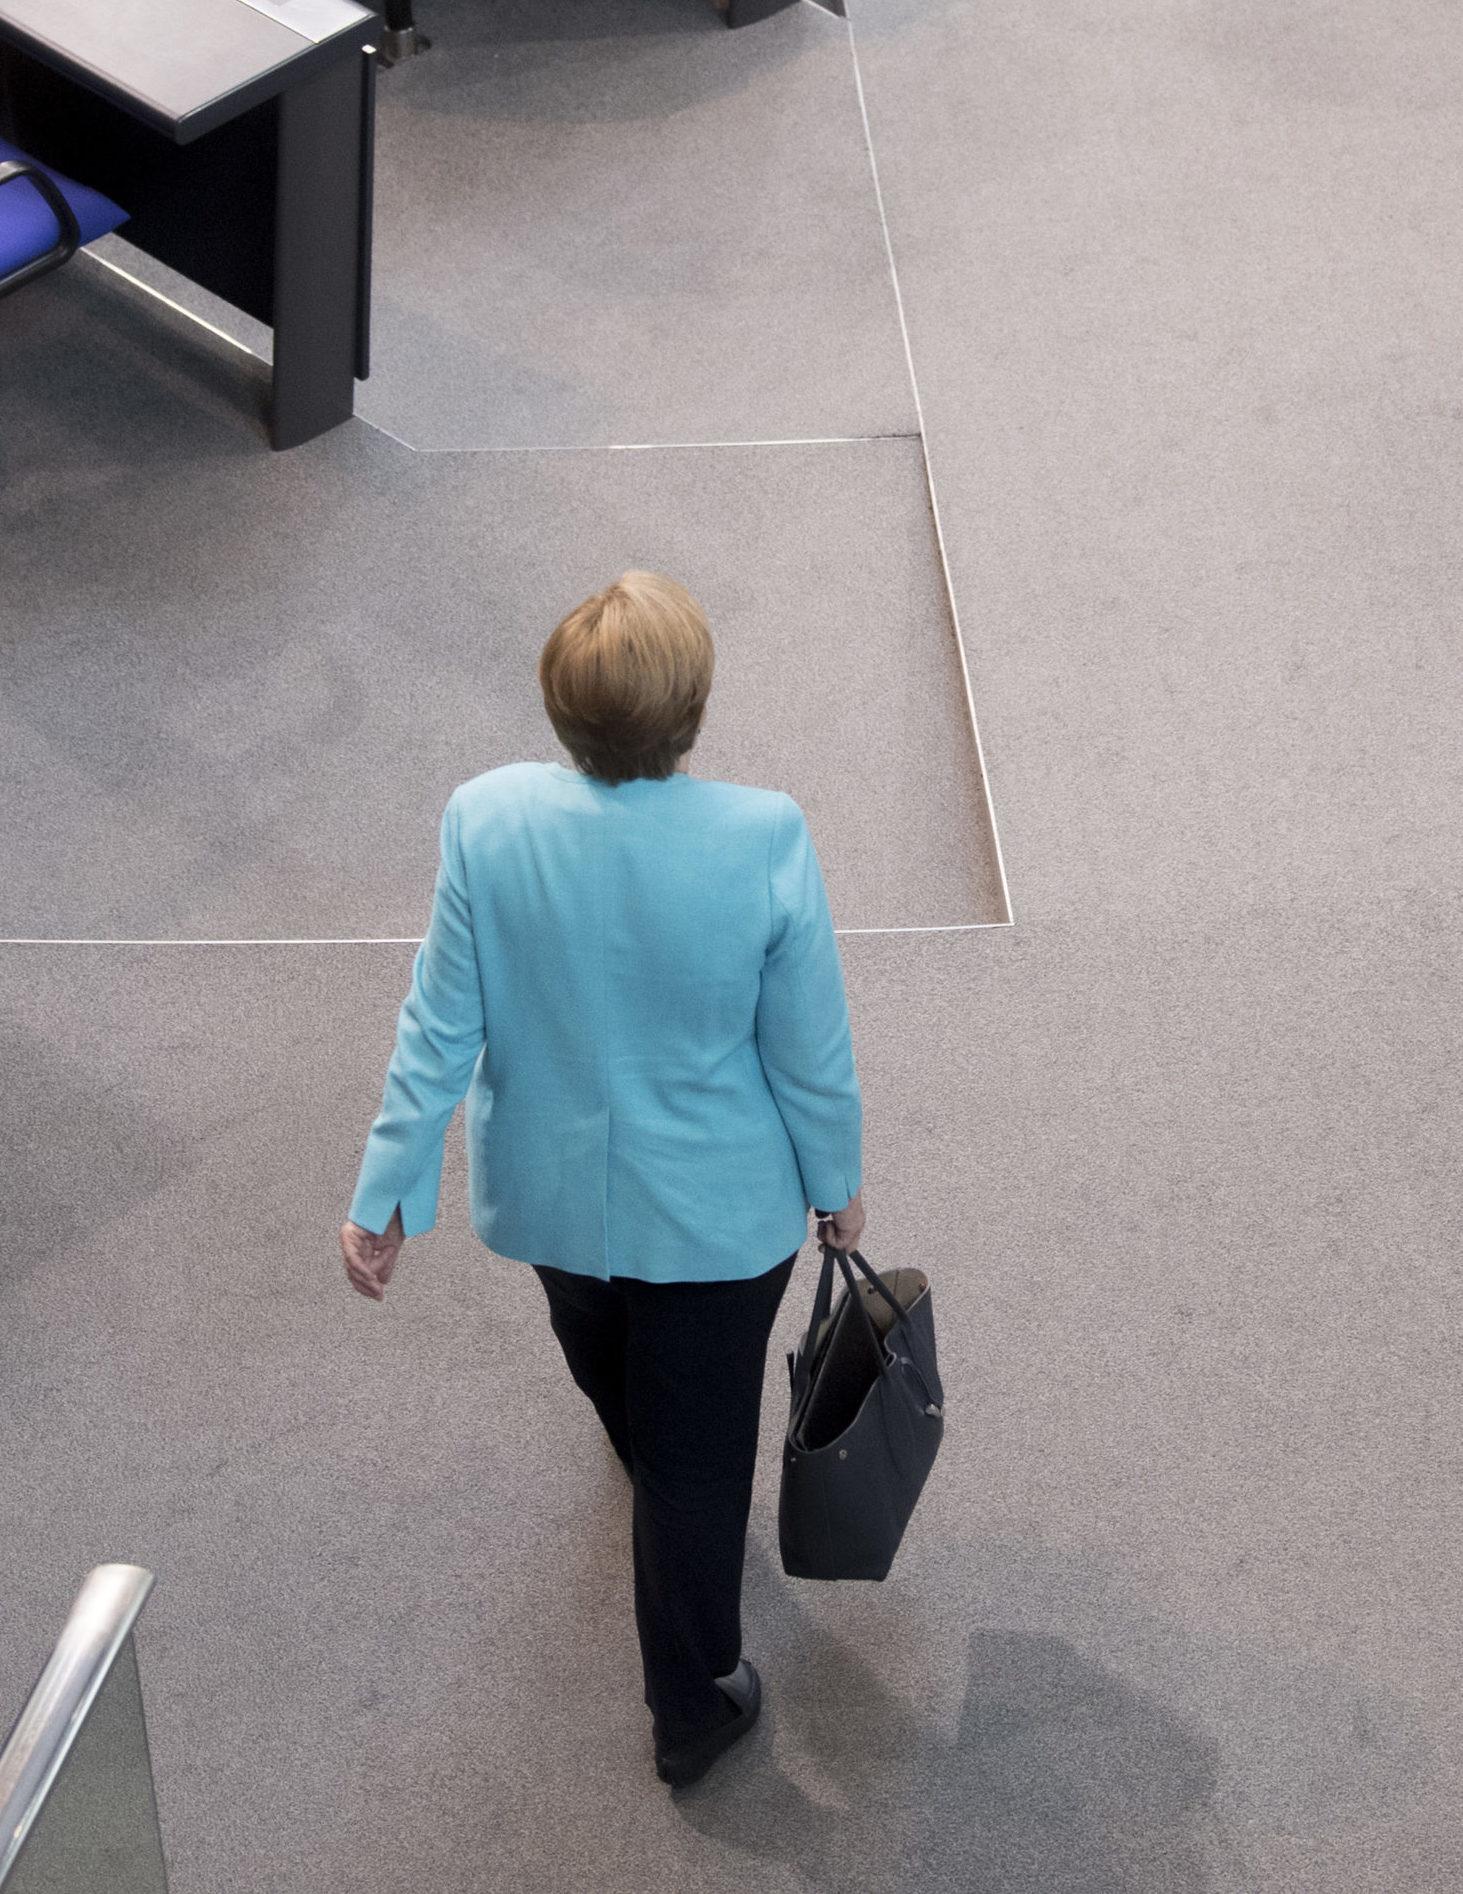 Angela Merkel ei ole halunnut olla muutosjohtaja, mutta hänen kaudellaan Eurooppaa on kohdannut kriisi toisen jälkeen. Kuva: Ullstein Bild/All Over Press